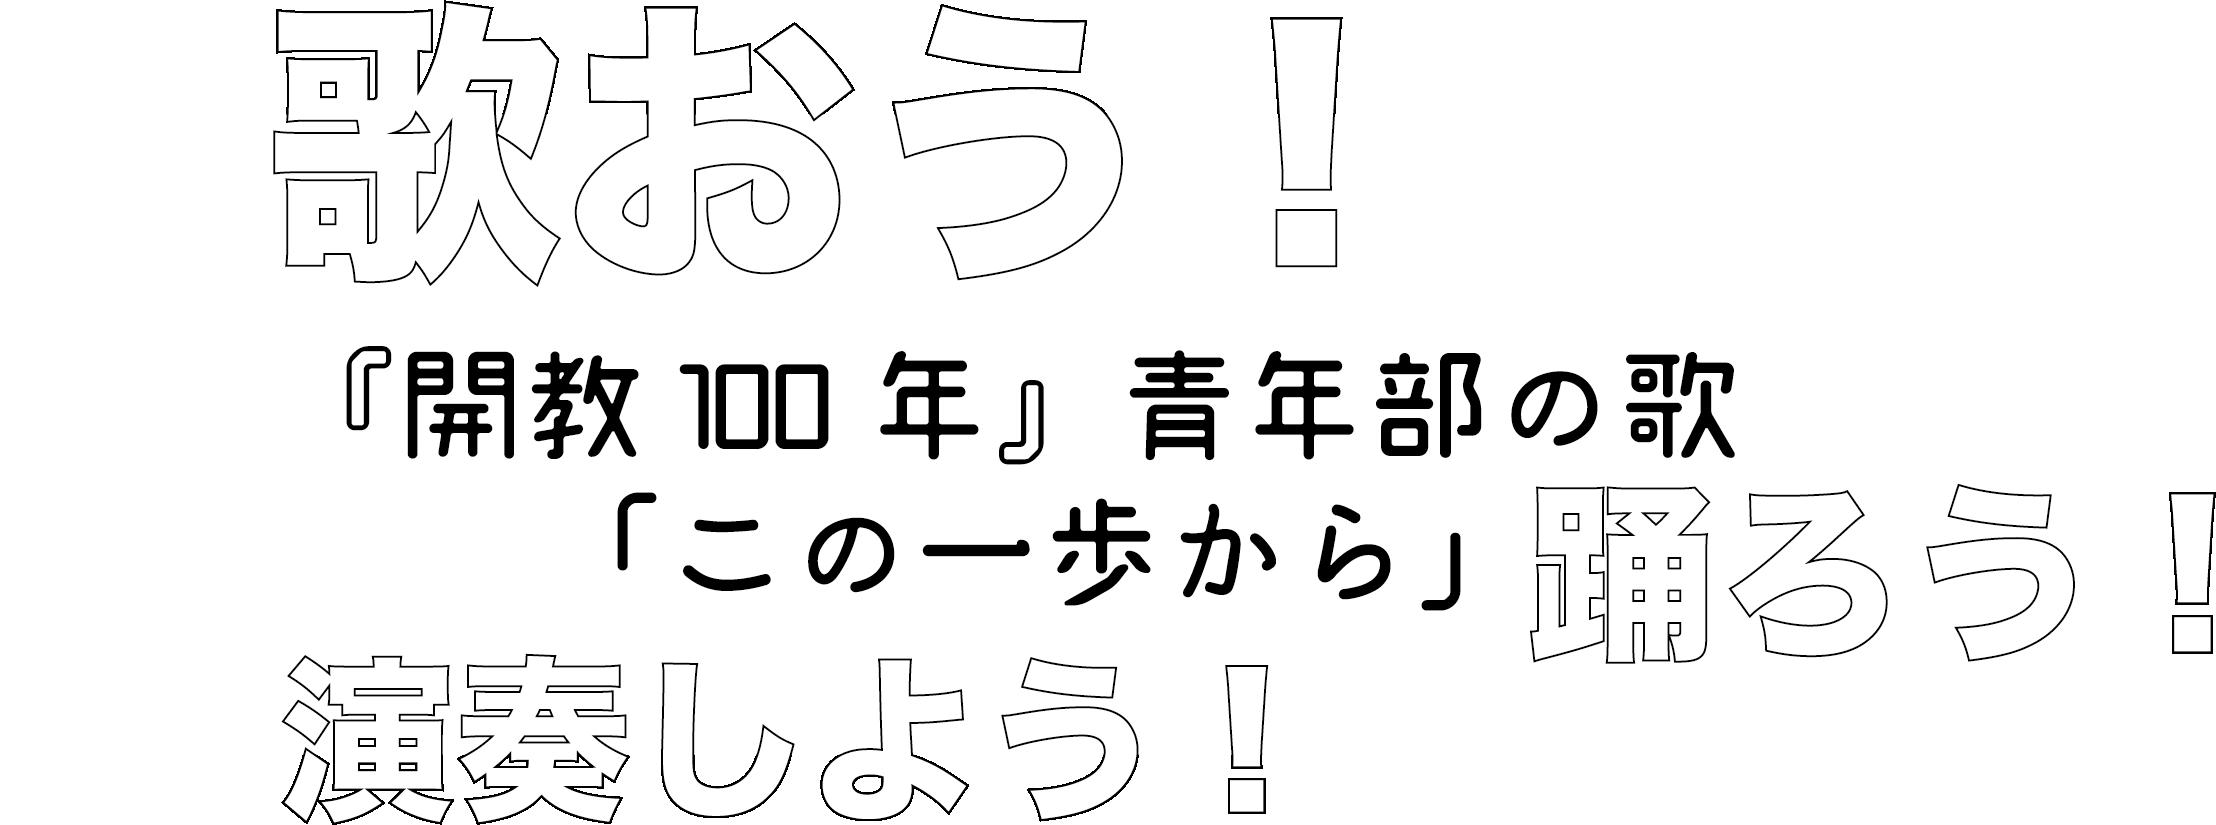 歌おう!『開教100年』青年部の歌「この一歩から」踊ろう!演奏しよう!